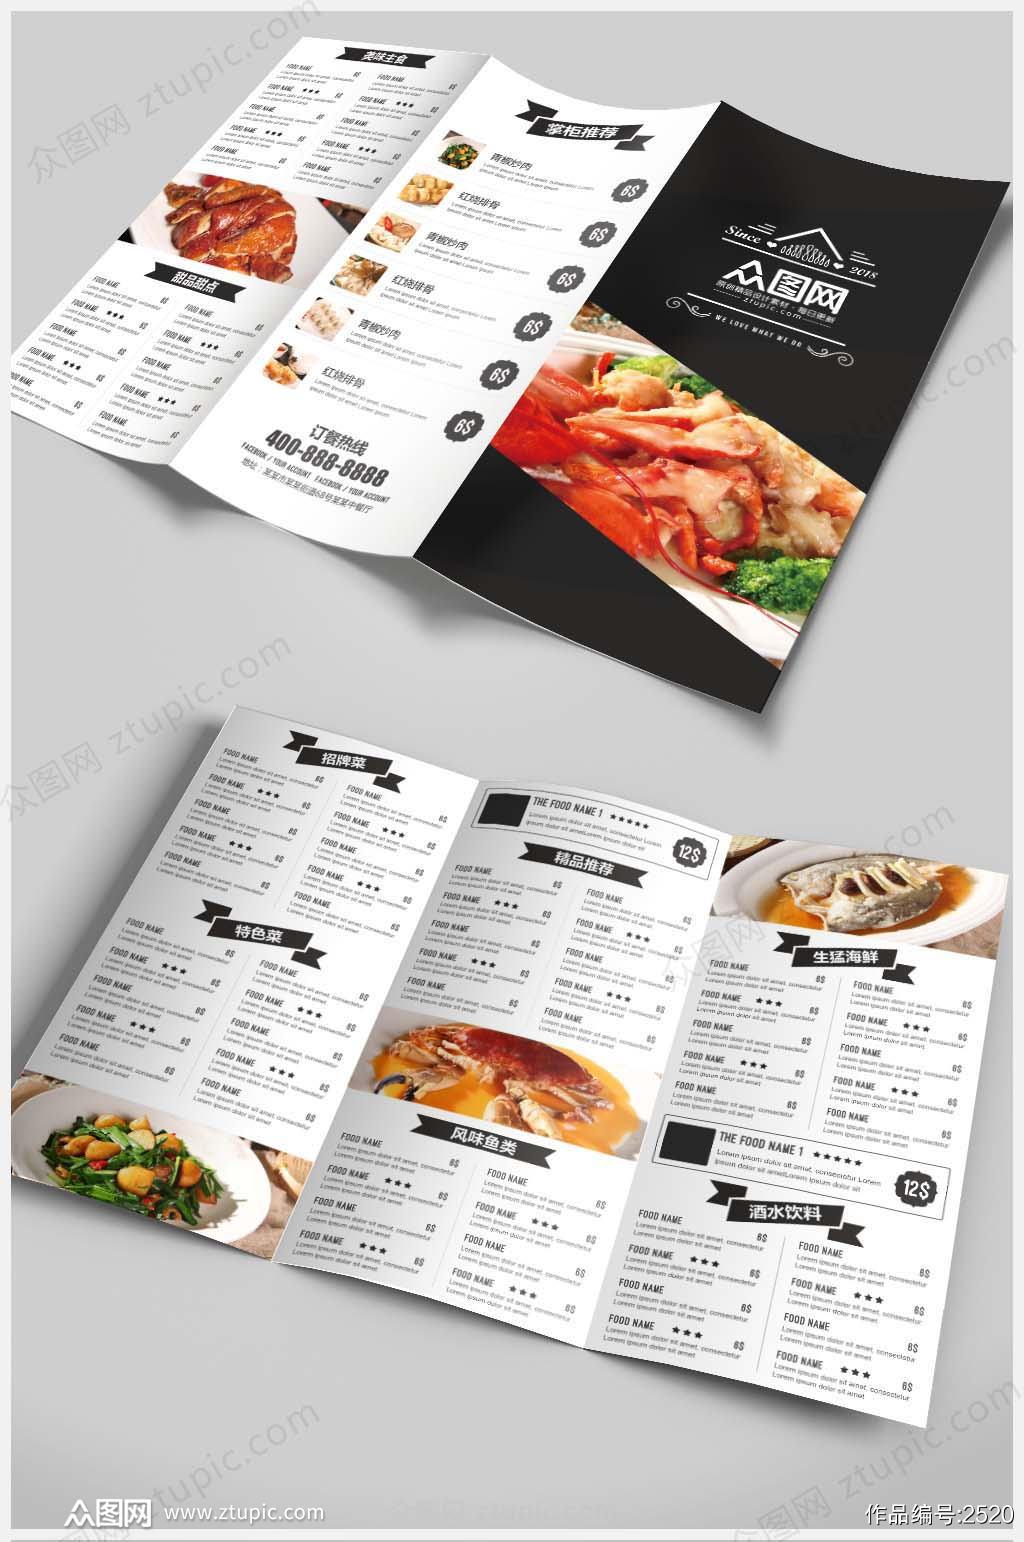 美食文化餐厅点菜单三折页设计模板菜谱内页素材